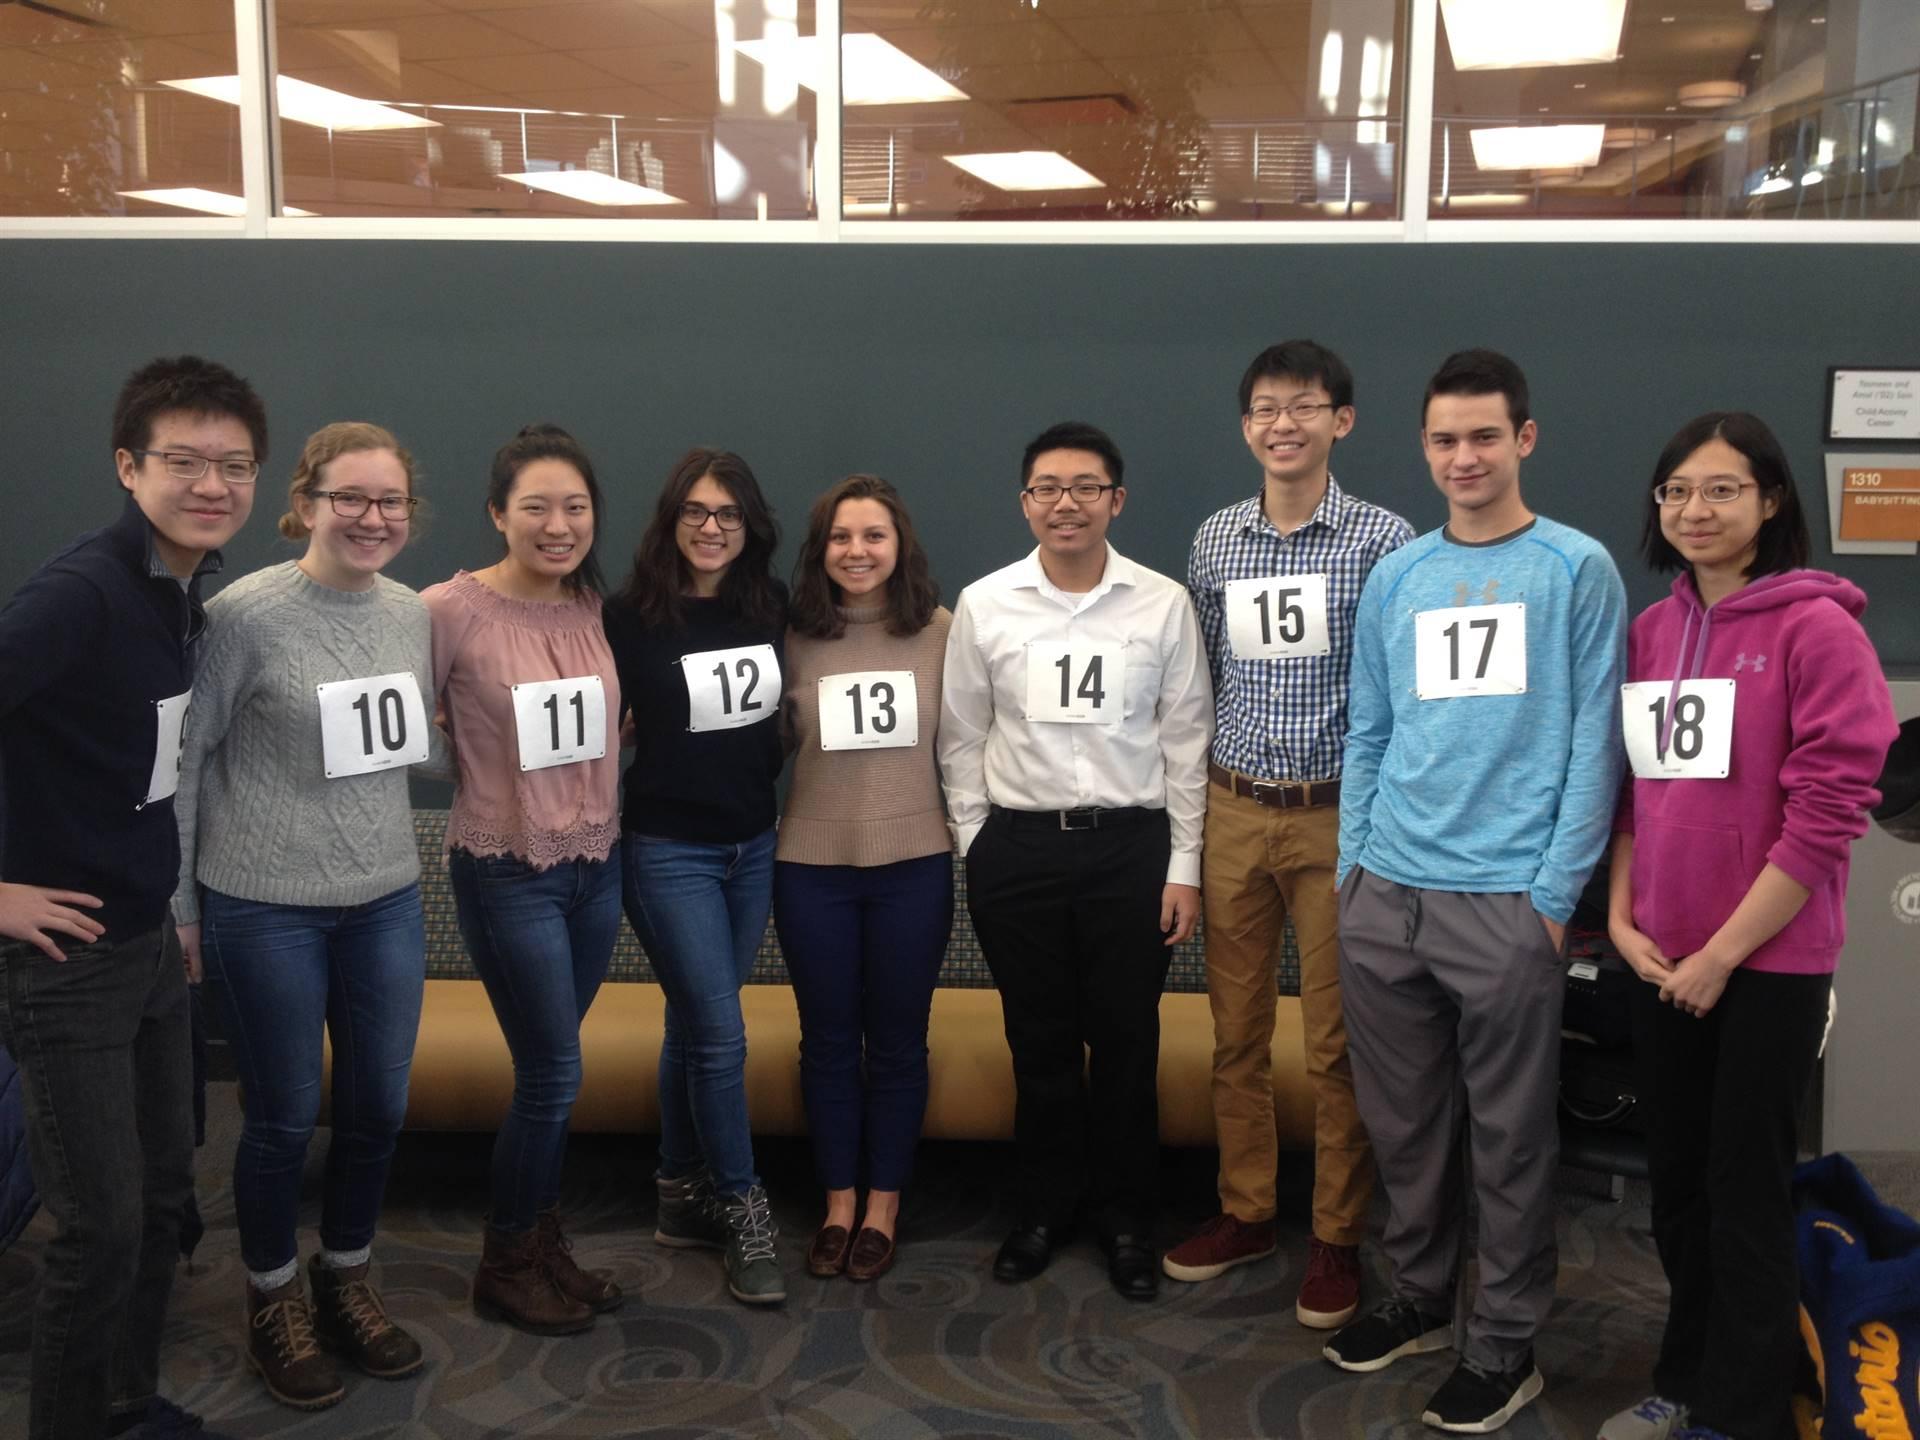 OHS Science Club members